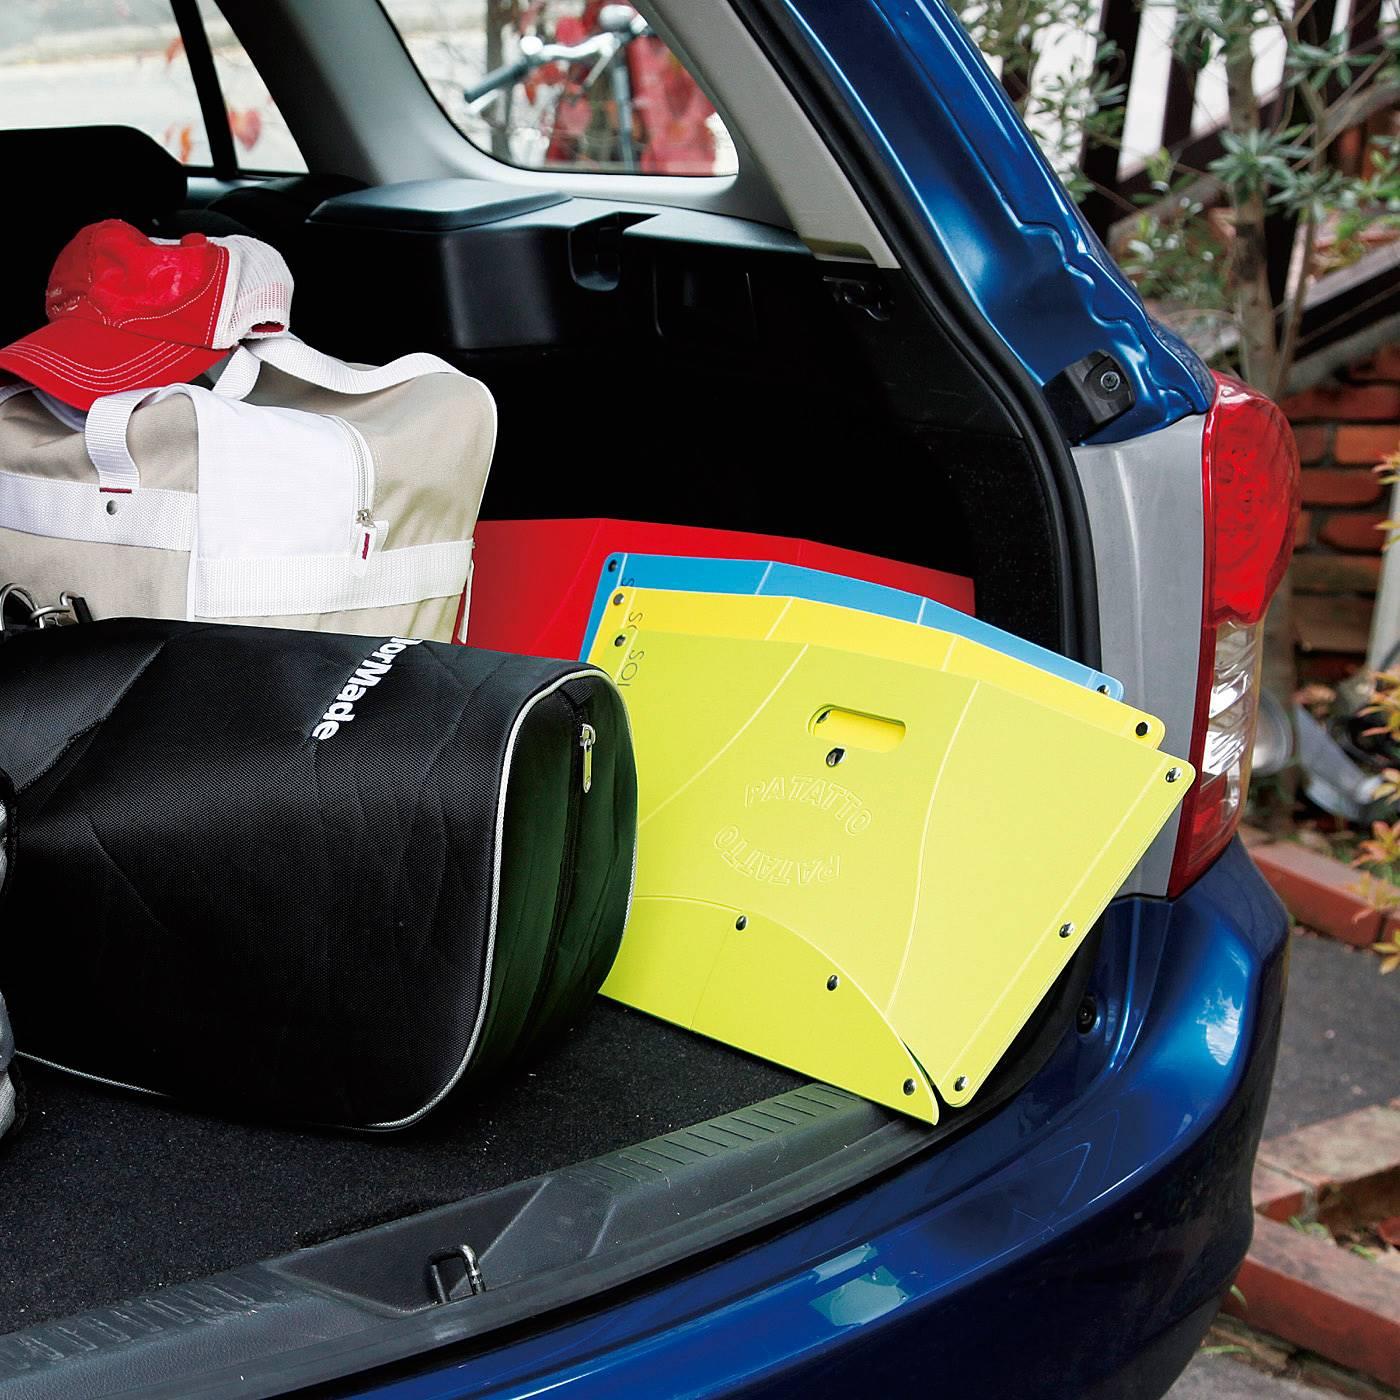 場所をとらないから、車に積んでおくと便利。